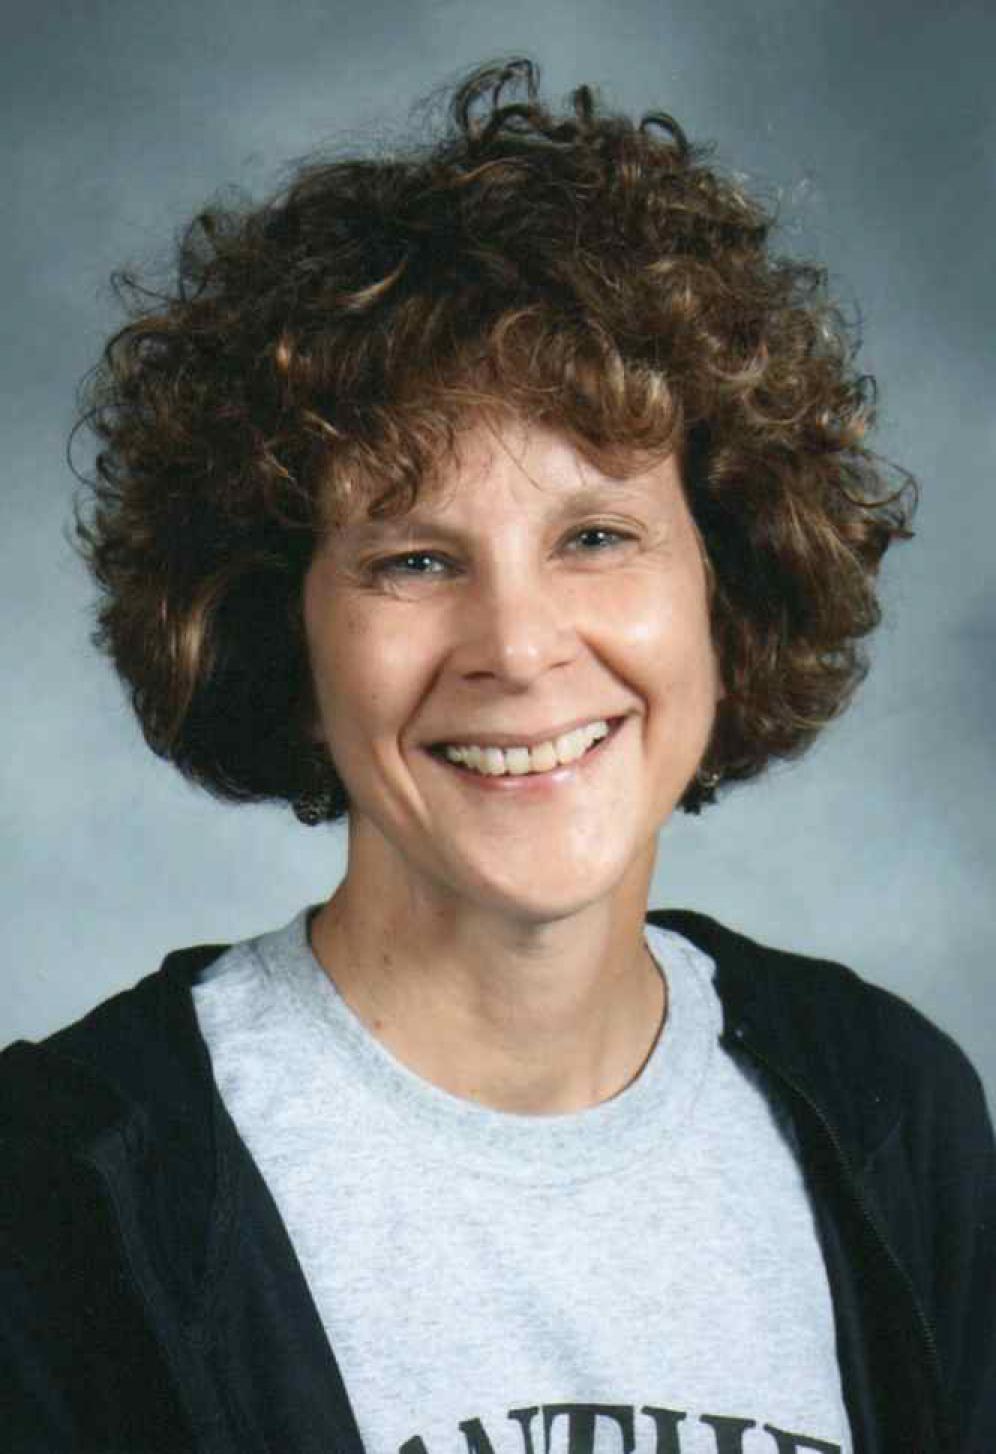 SusanRouch